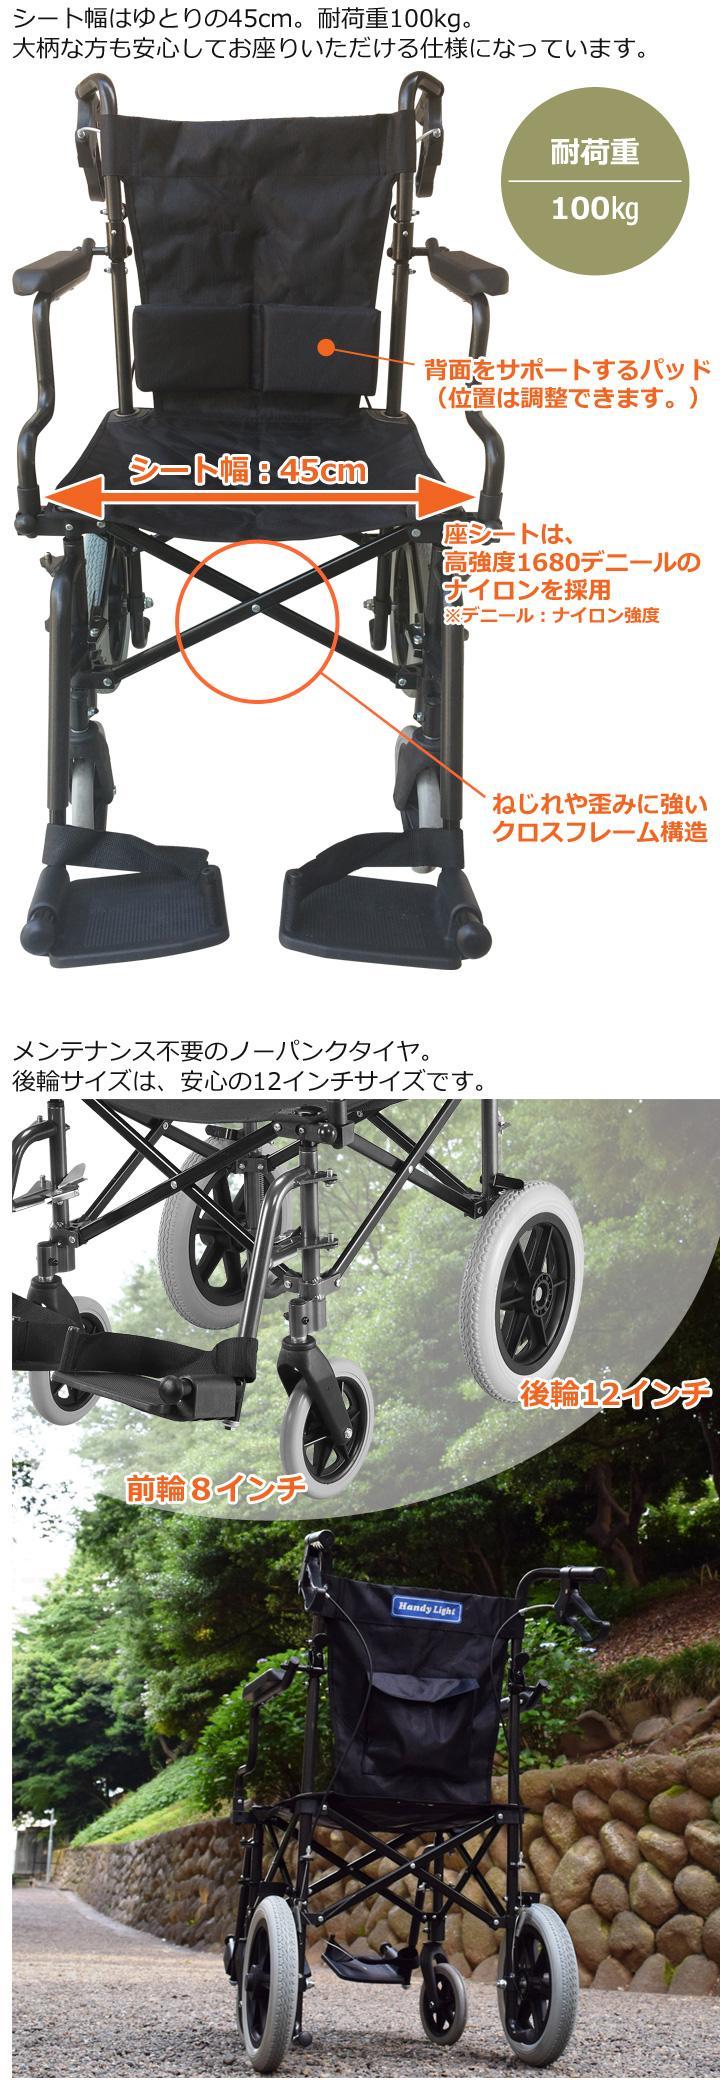 シート幅はゆとりの45cm。耐荷重100kg。 大柄な方も安心してお座りいただける仕様になっています